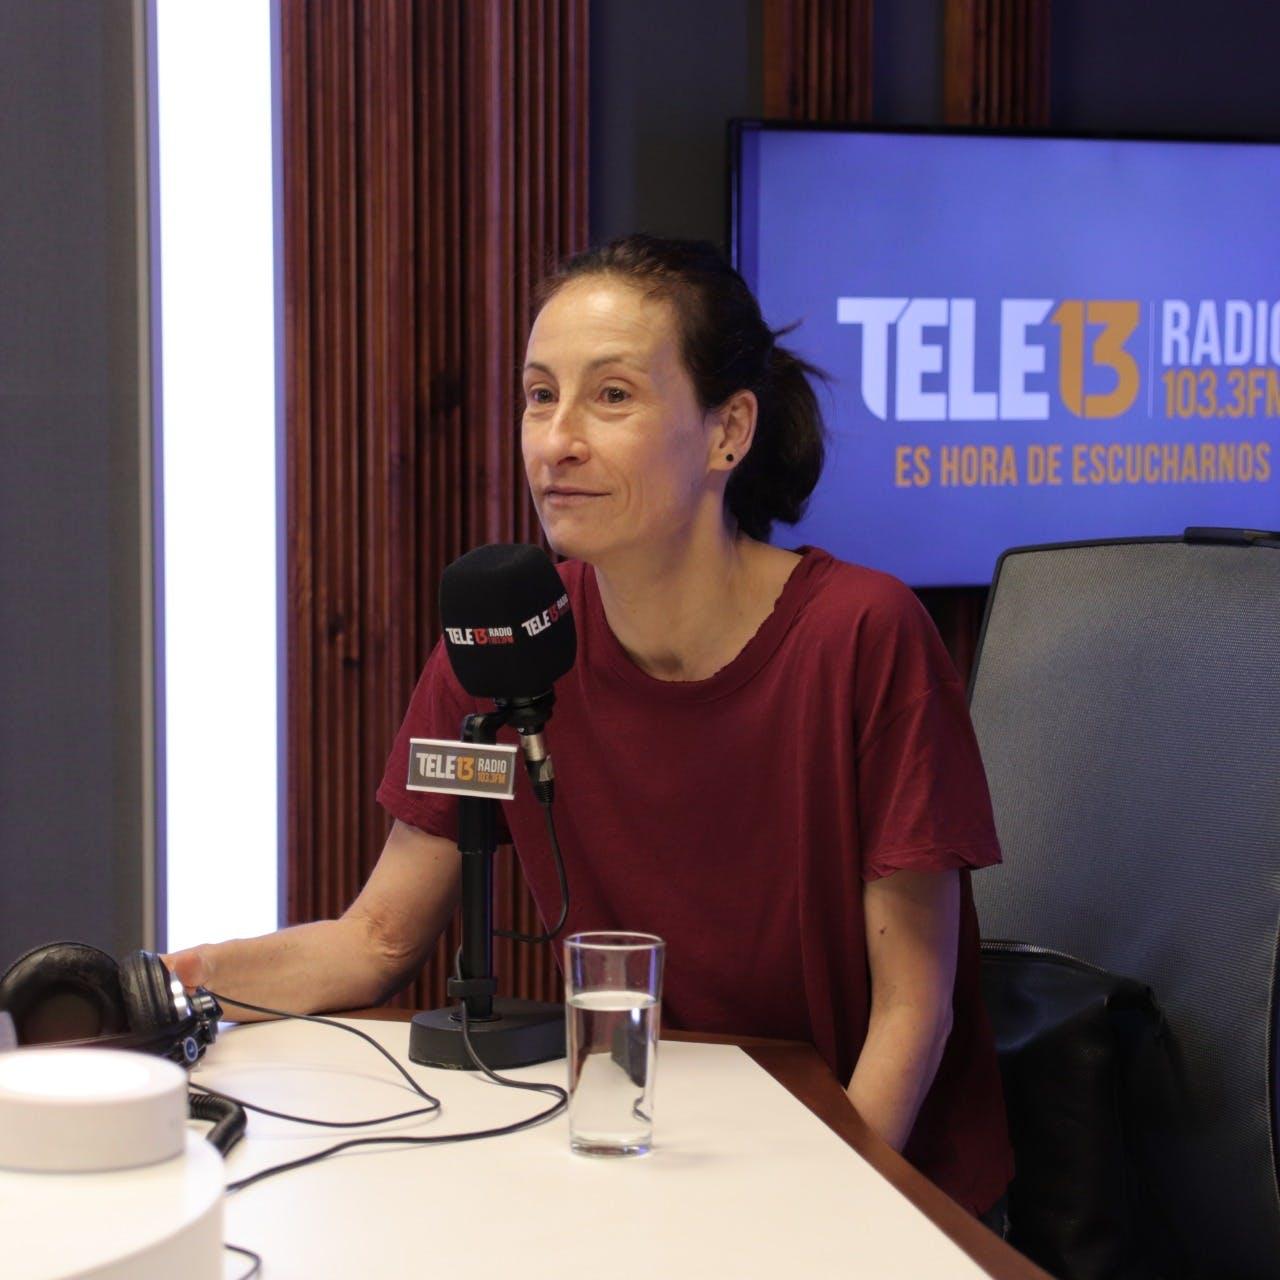 """Amparo Noguera y película """"Pacto de Fuga"""" basada en el escape de reos en Carcel Pública: Estamos hablando de presos políticos preparadas, con alto nivel intelectual. Eso los ayudó para hacer un túnel y huir"""